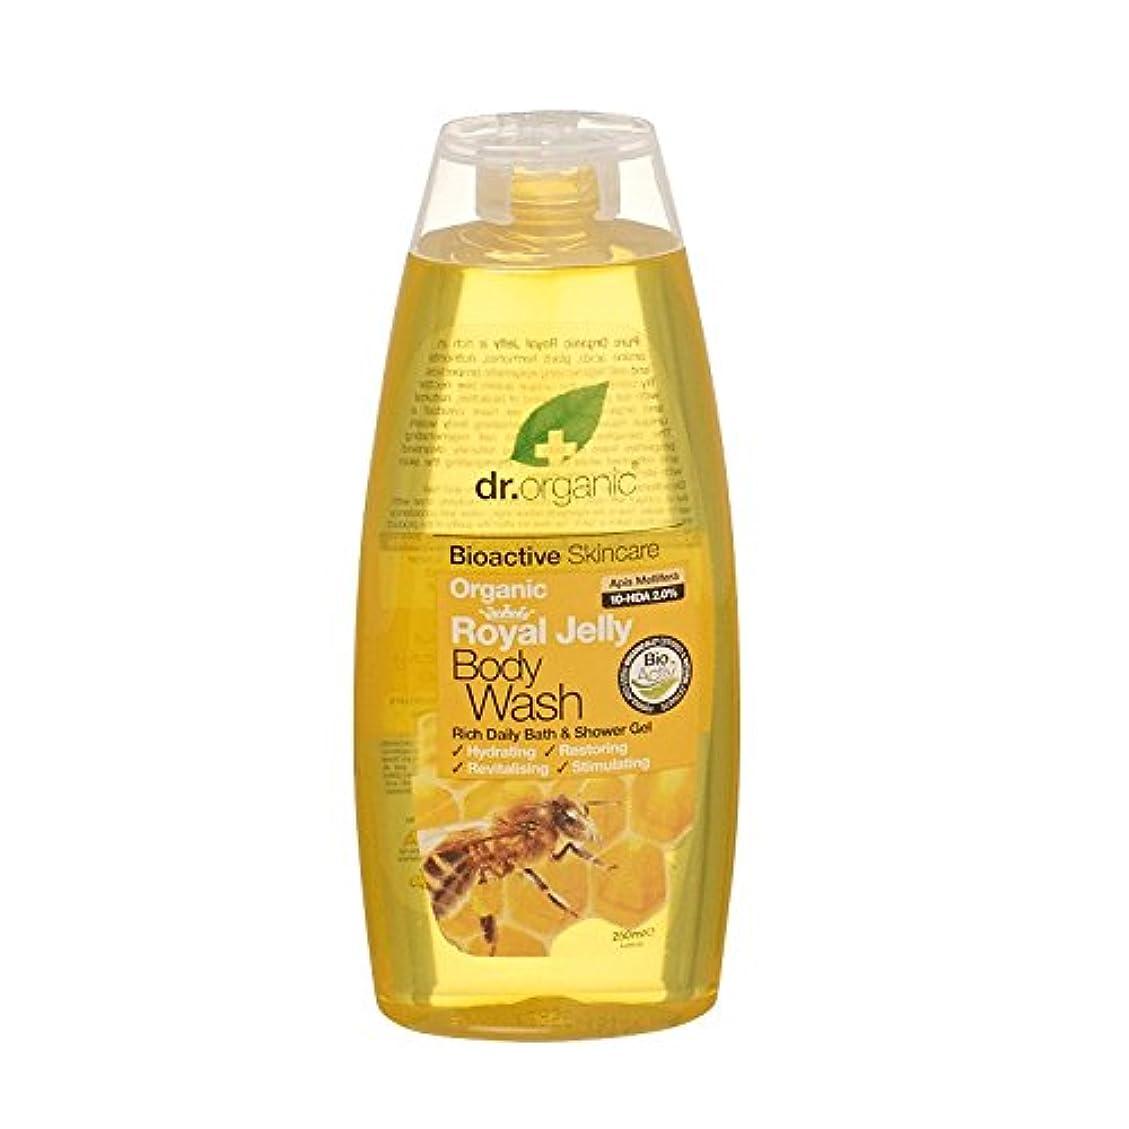 過剰プライム逮捕Dr Organic Royal Jelly Body Wash (Pack of 2) - Dr有機ローヤルゼリーボディウォッシュ (x2) [並行輸入品]